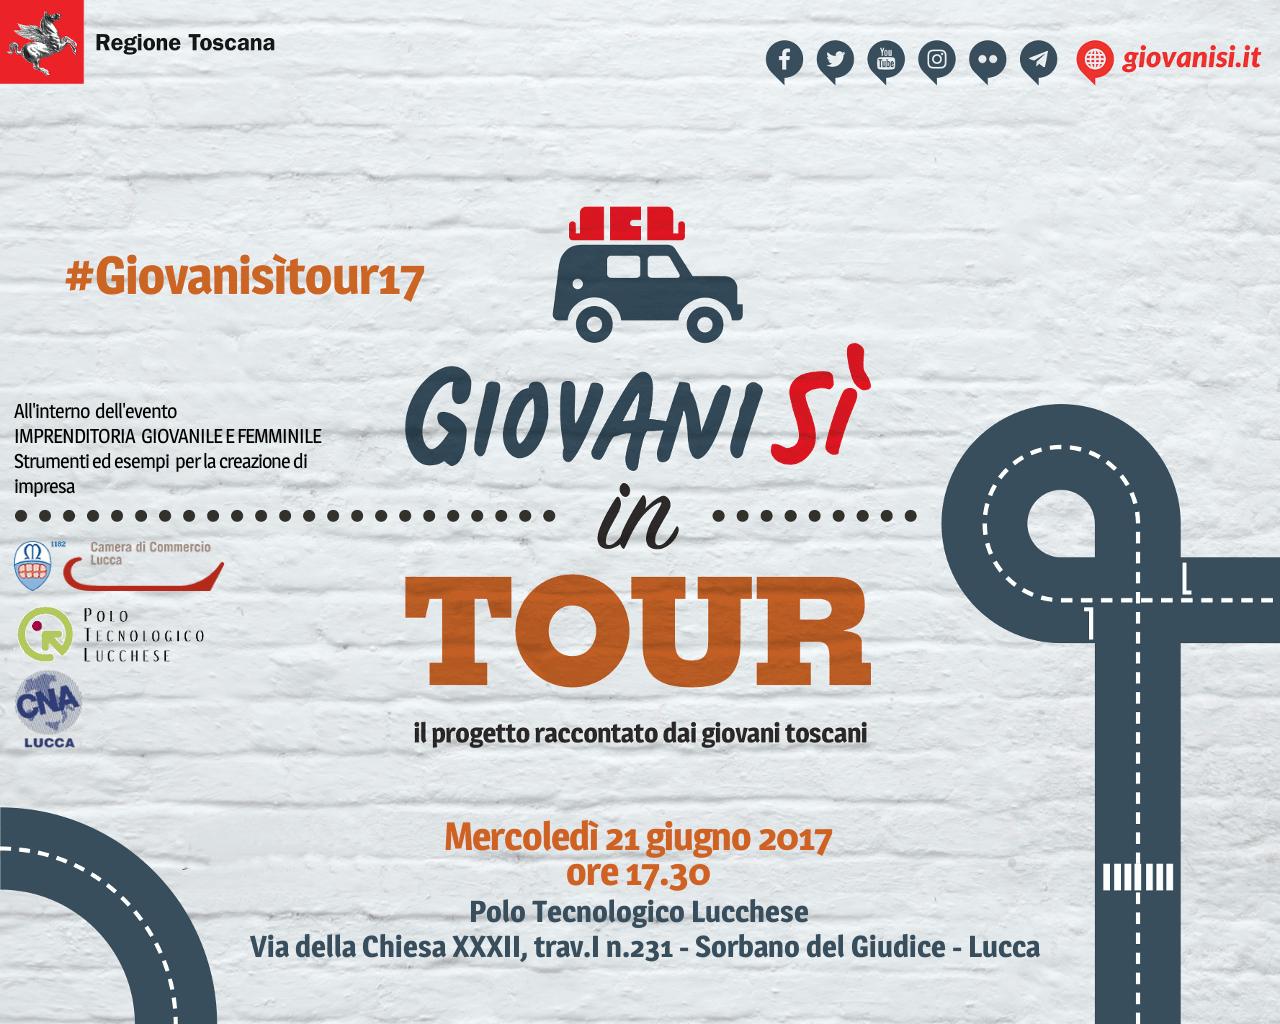 'Giovanisì in tour, il progetto raccontato dai giovani toscani' il 21/06 a Lucca con un focus su Fare impresa <div class='giovanisi-subtitle'>Ore 17.30 c/o Polo Tecnologico Lucchese </div>